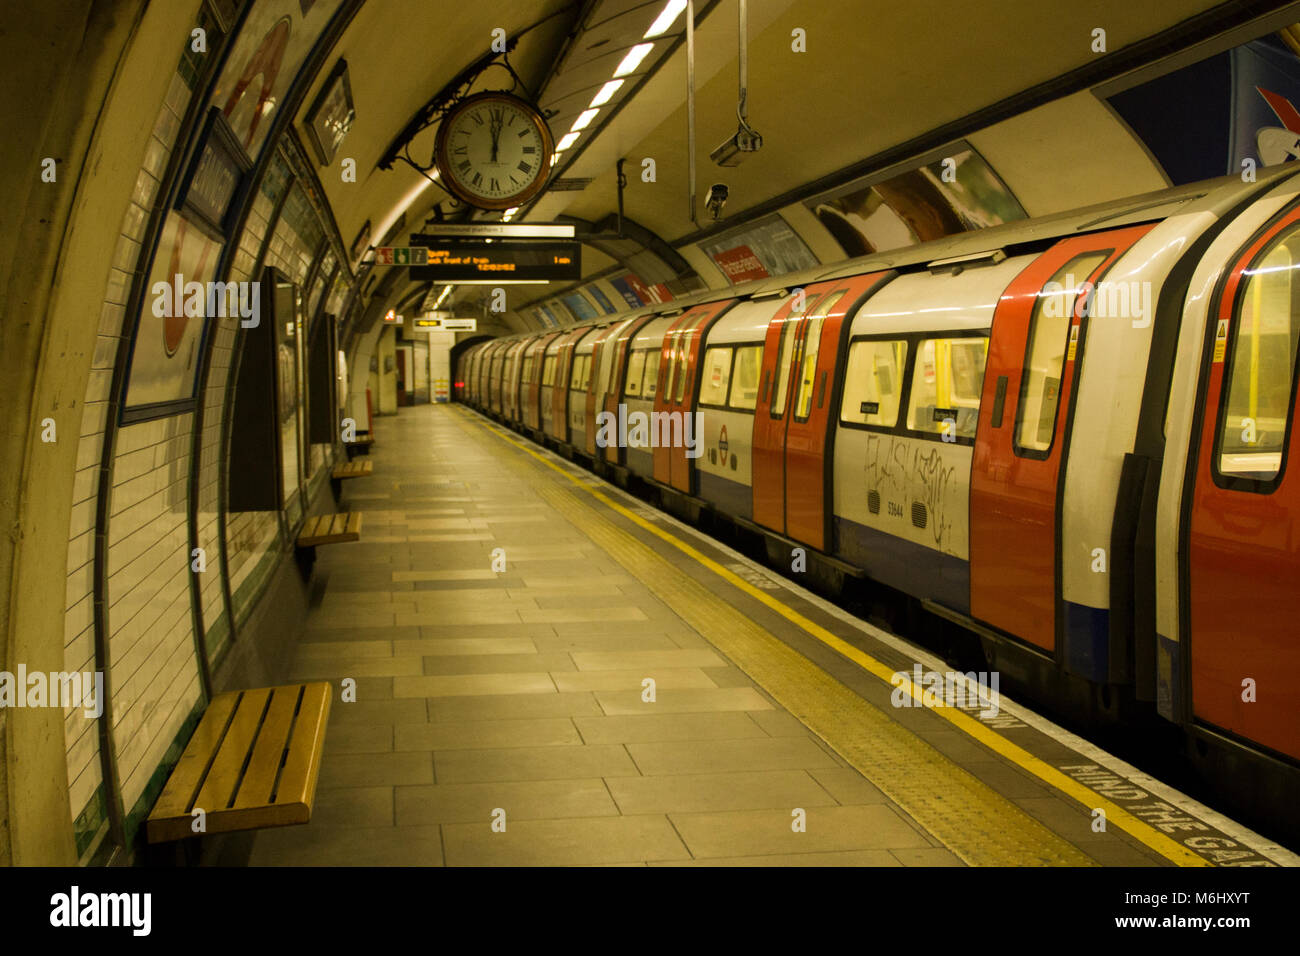 Ghost Train, Kennington Underground Station, London, England, UK; - Stock Image